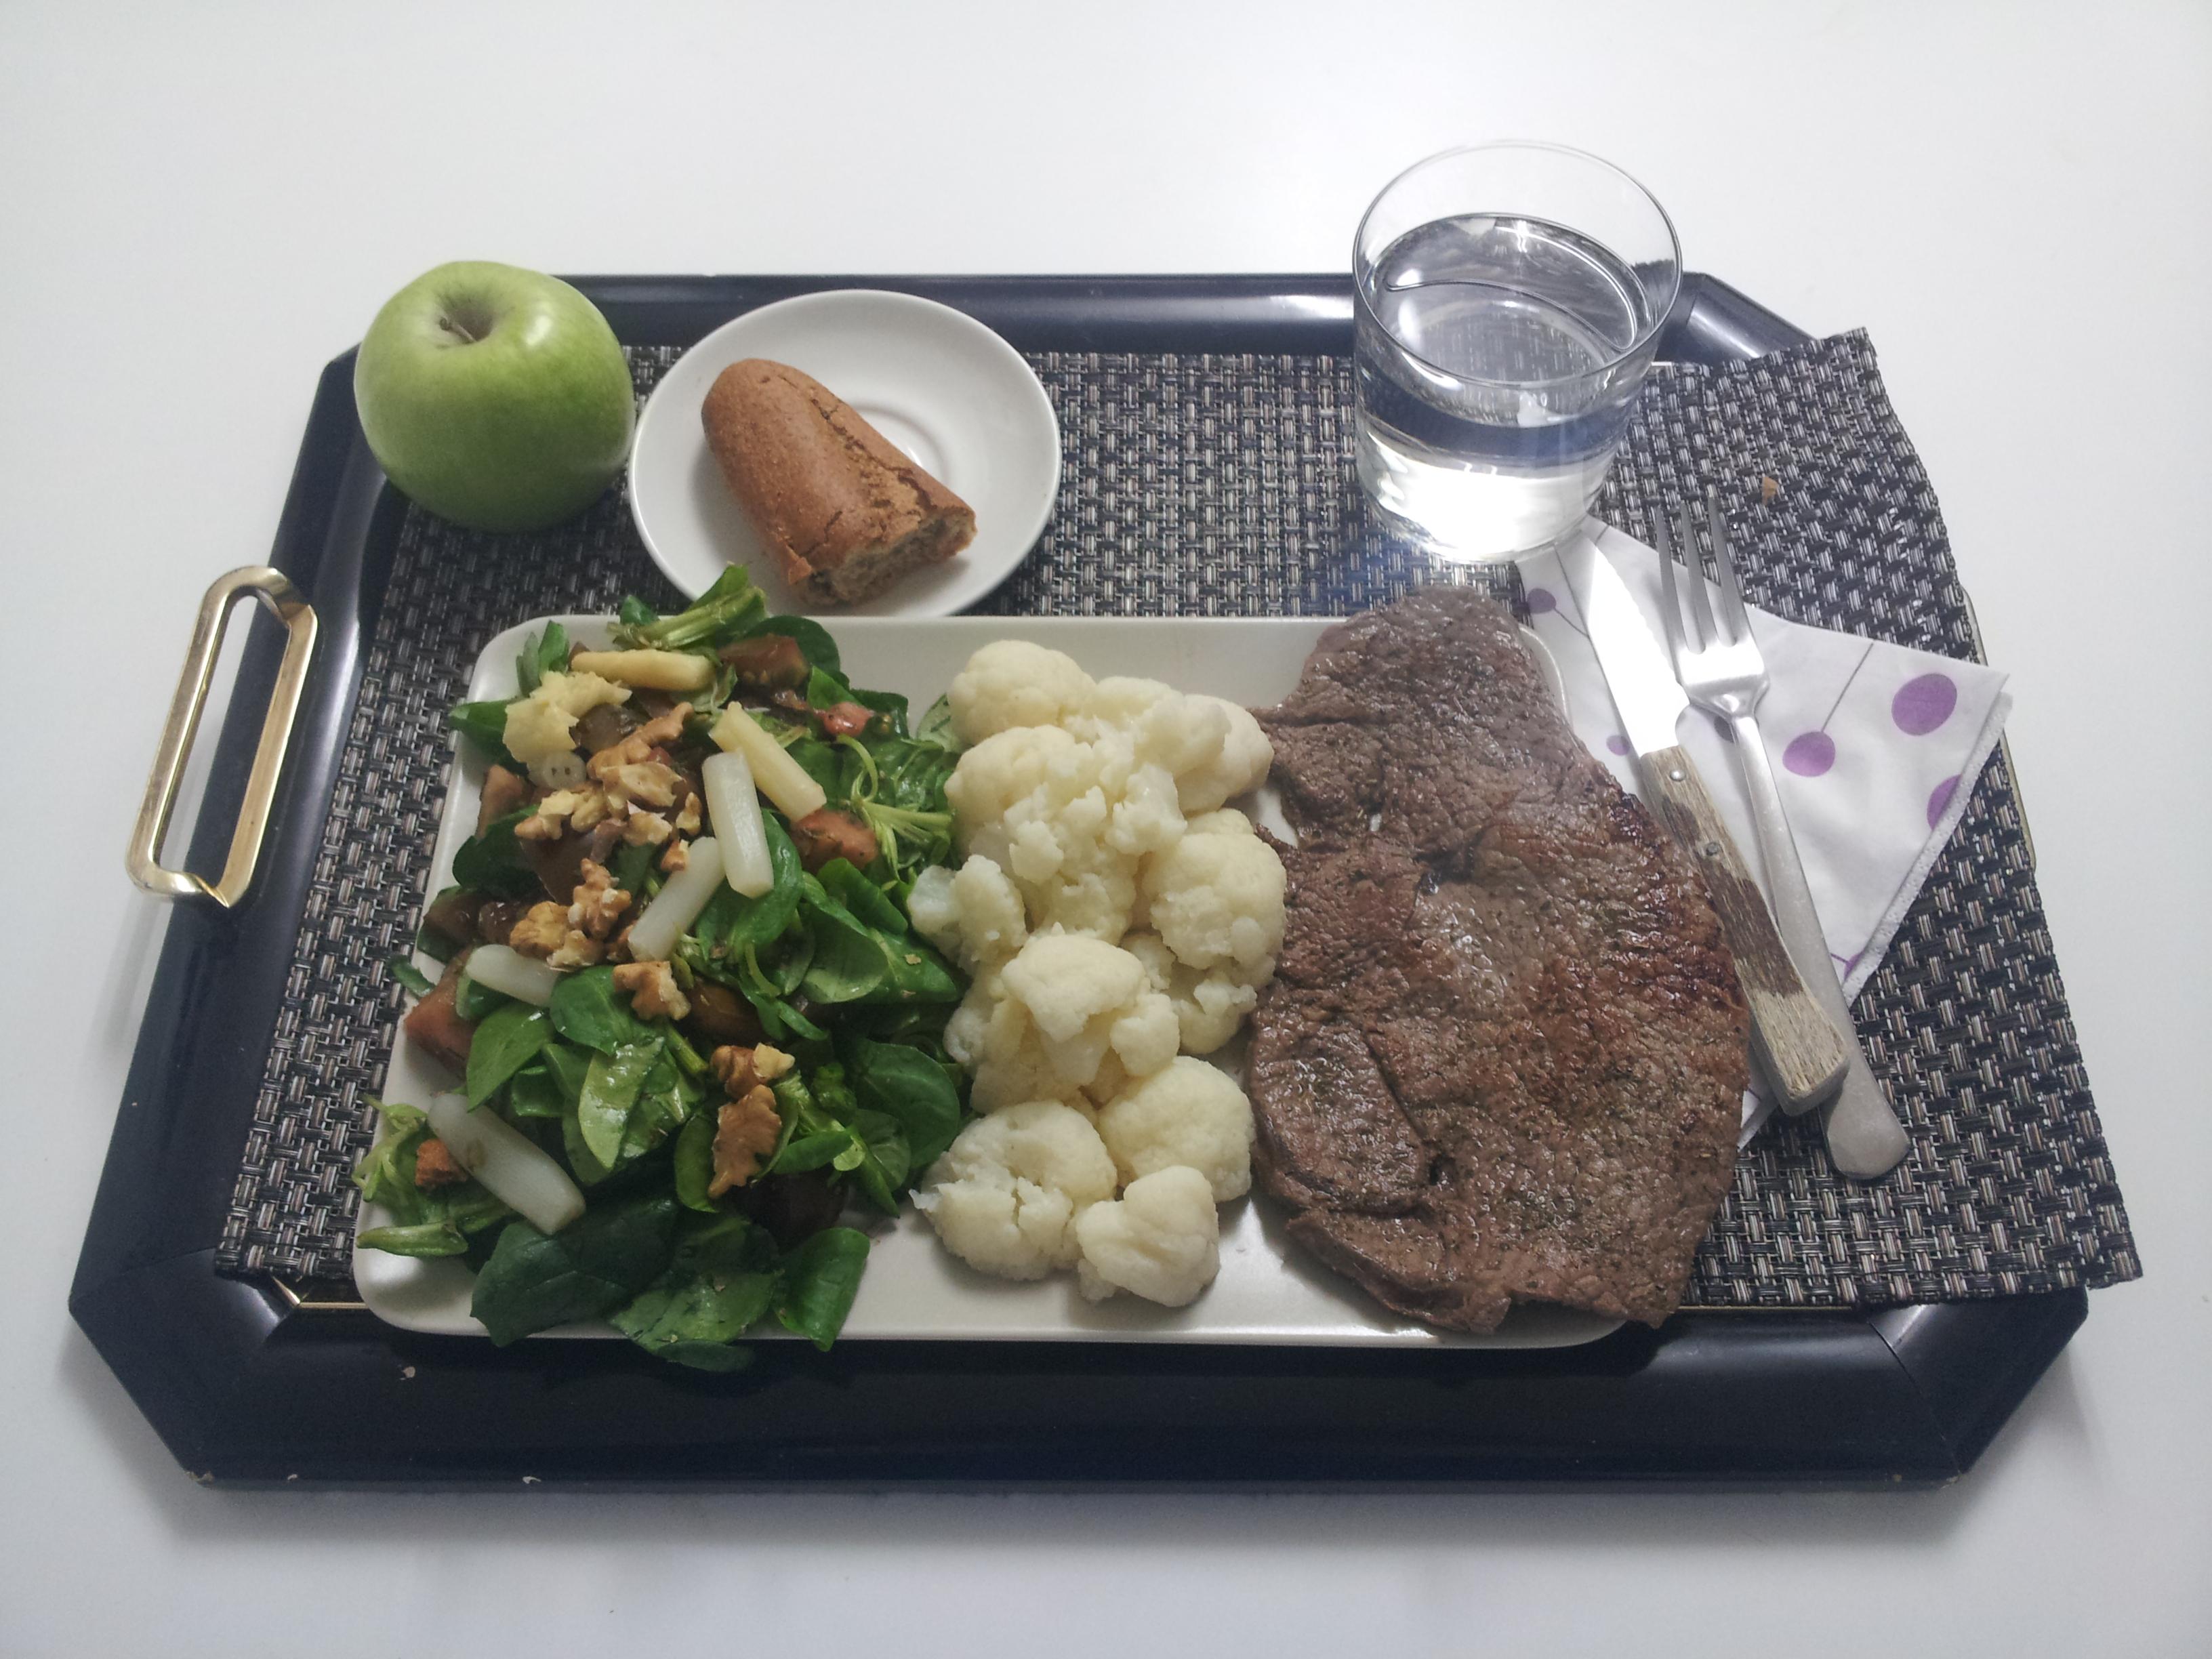 comida sana, comida saludable